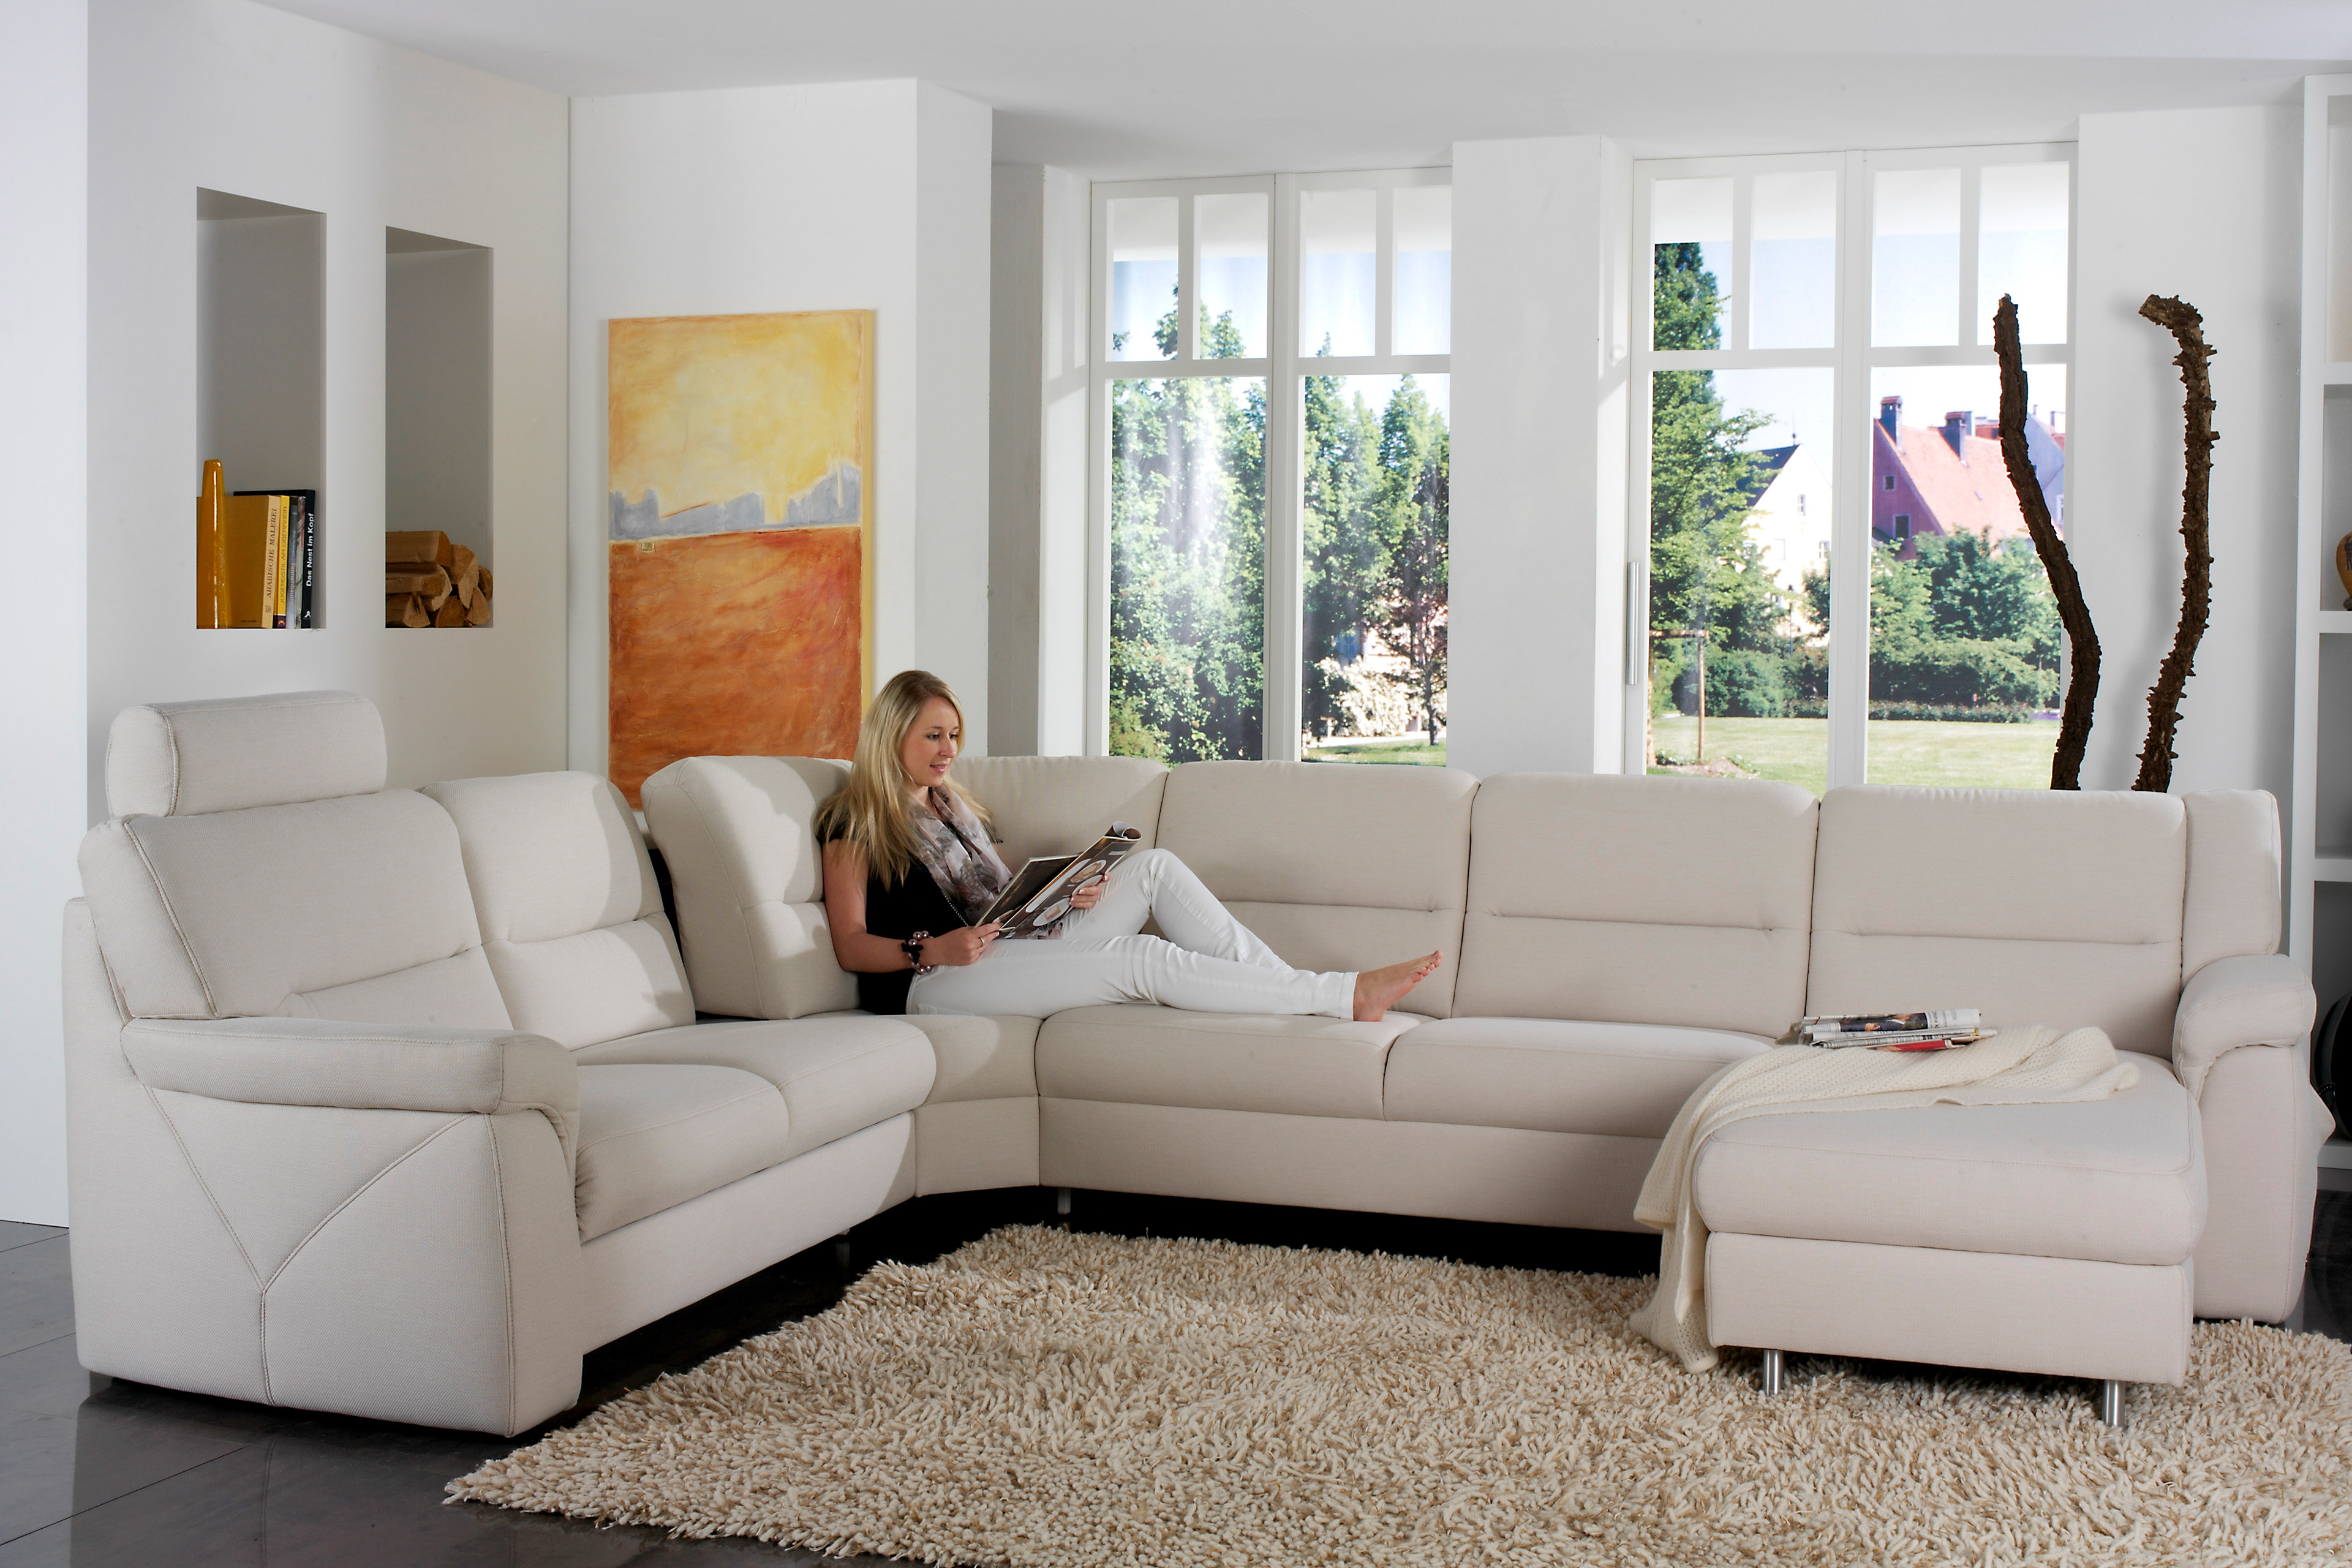 himolla polsterm bel wohnlandschaft 1101 hobey m bel. Black Bedroom Furniture Sets. Home Design Ideas